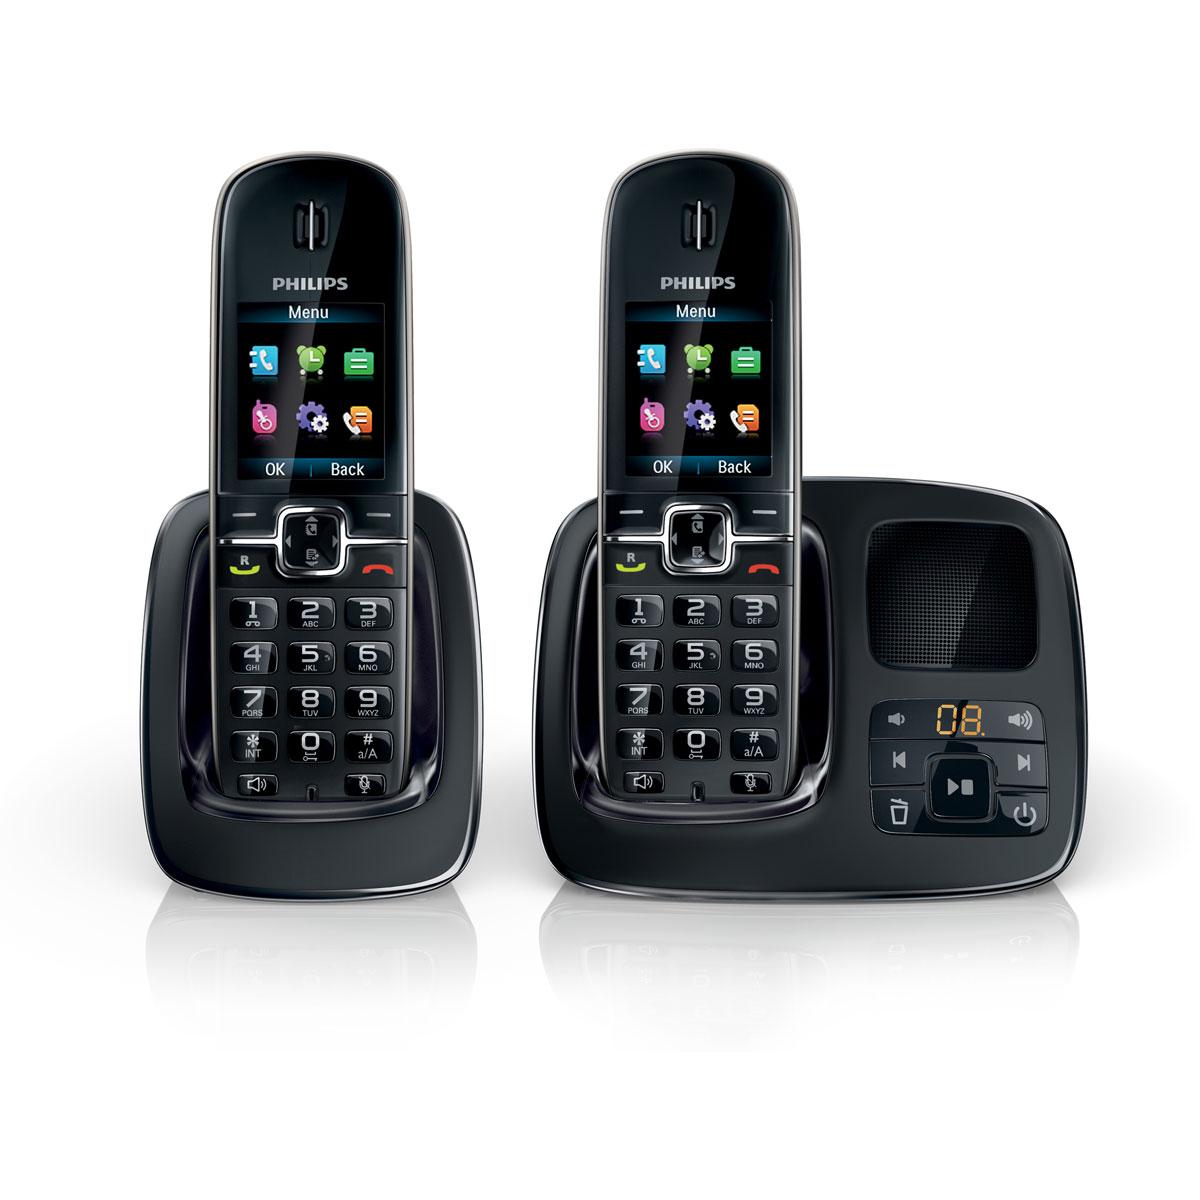 philips cd4962 duo noir t l phone sans fil philips sur ldlc. Black Bedroom Furniture Sets. Home Design Ideas